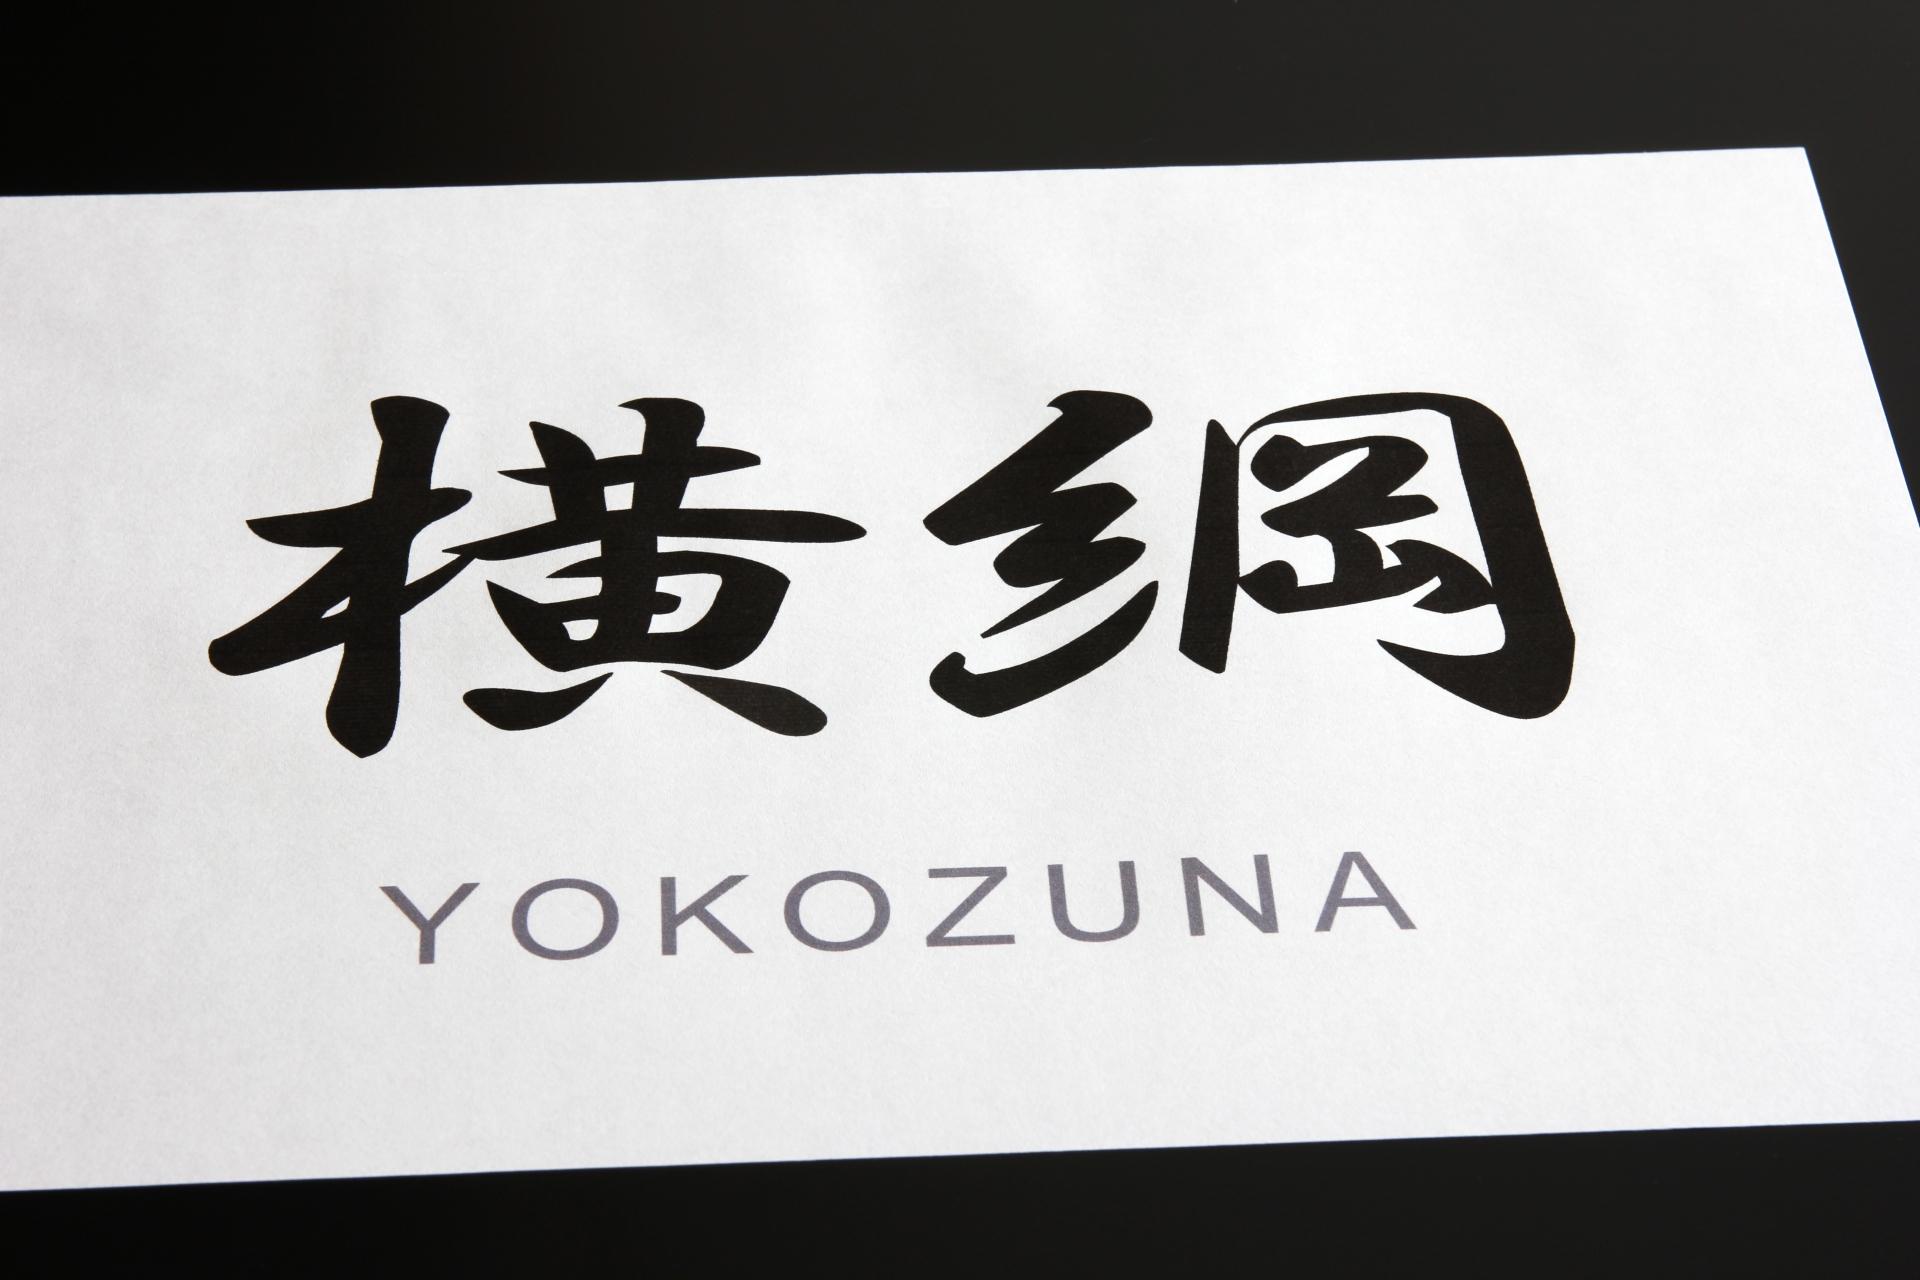 相撲を引退して退職金が支給される条件とその種類について